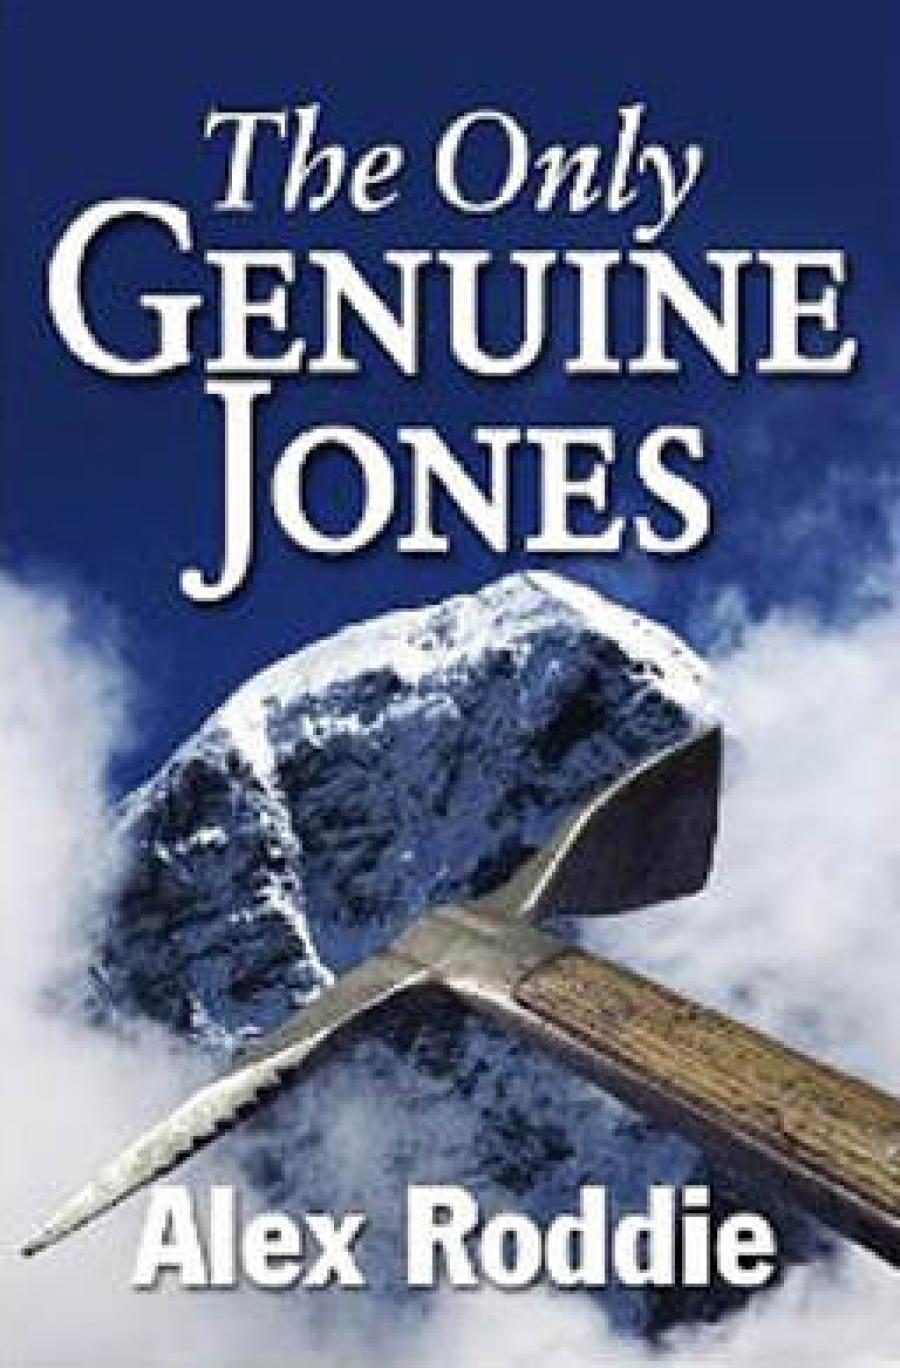 Alex Roddie -The Only Genuine Jones: Reviewed